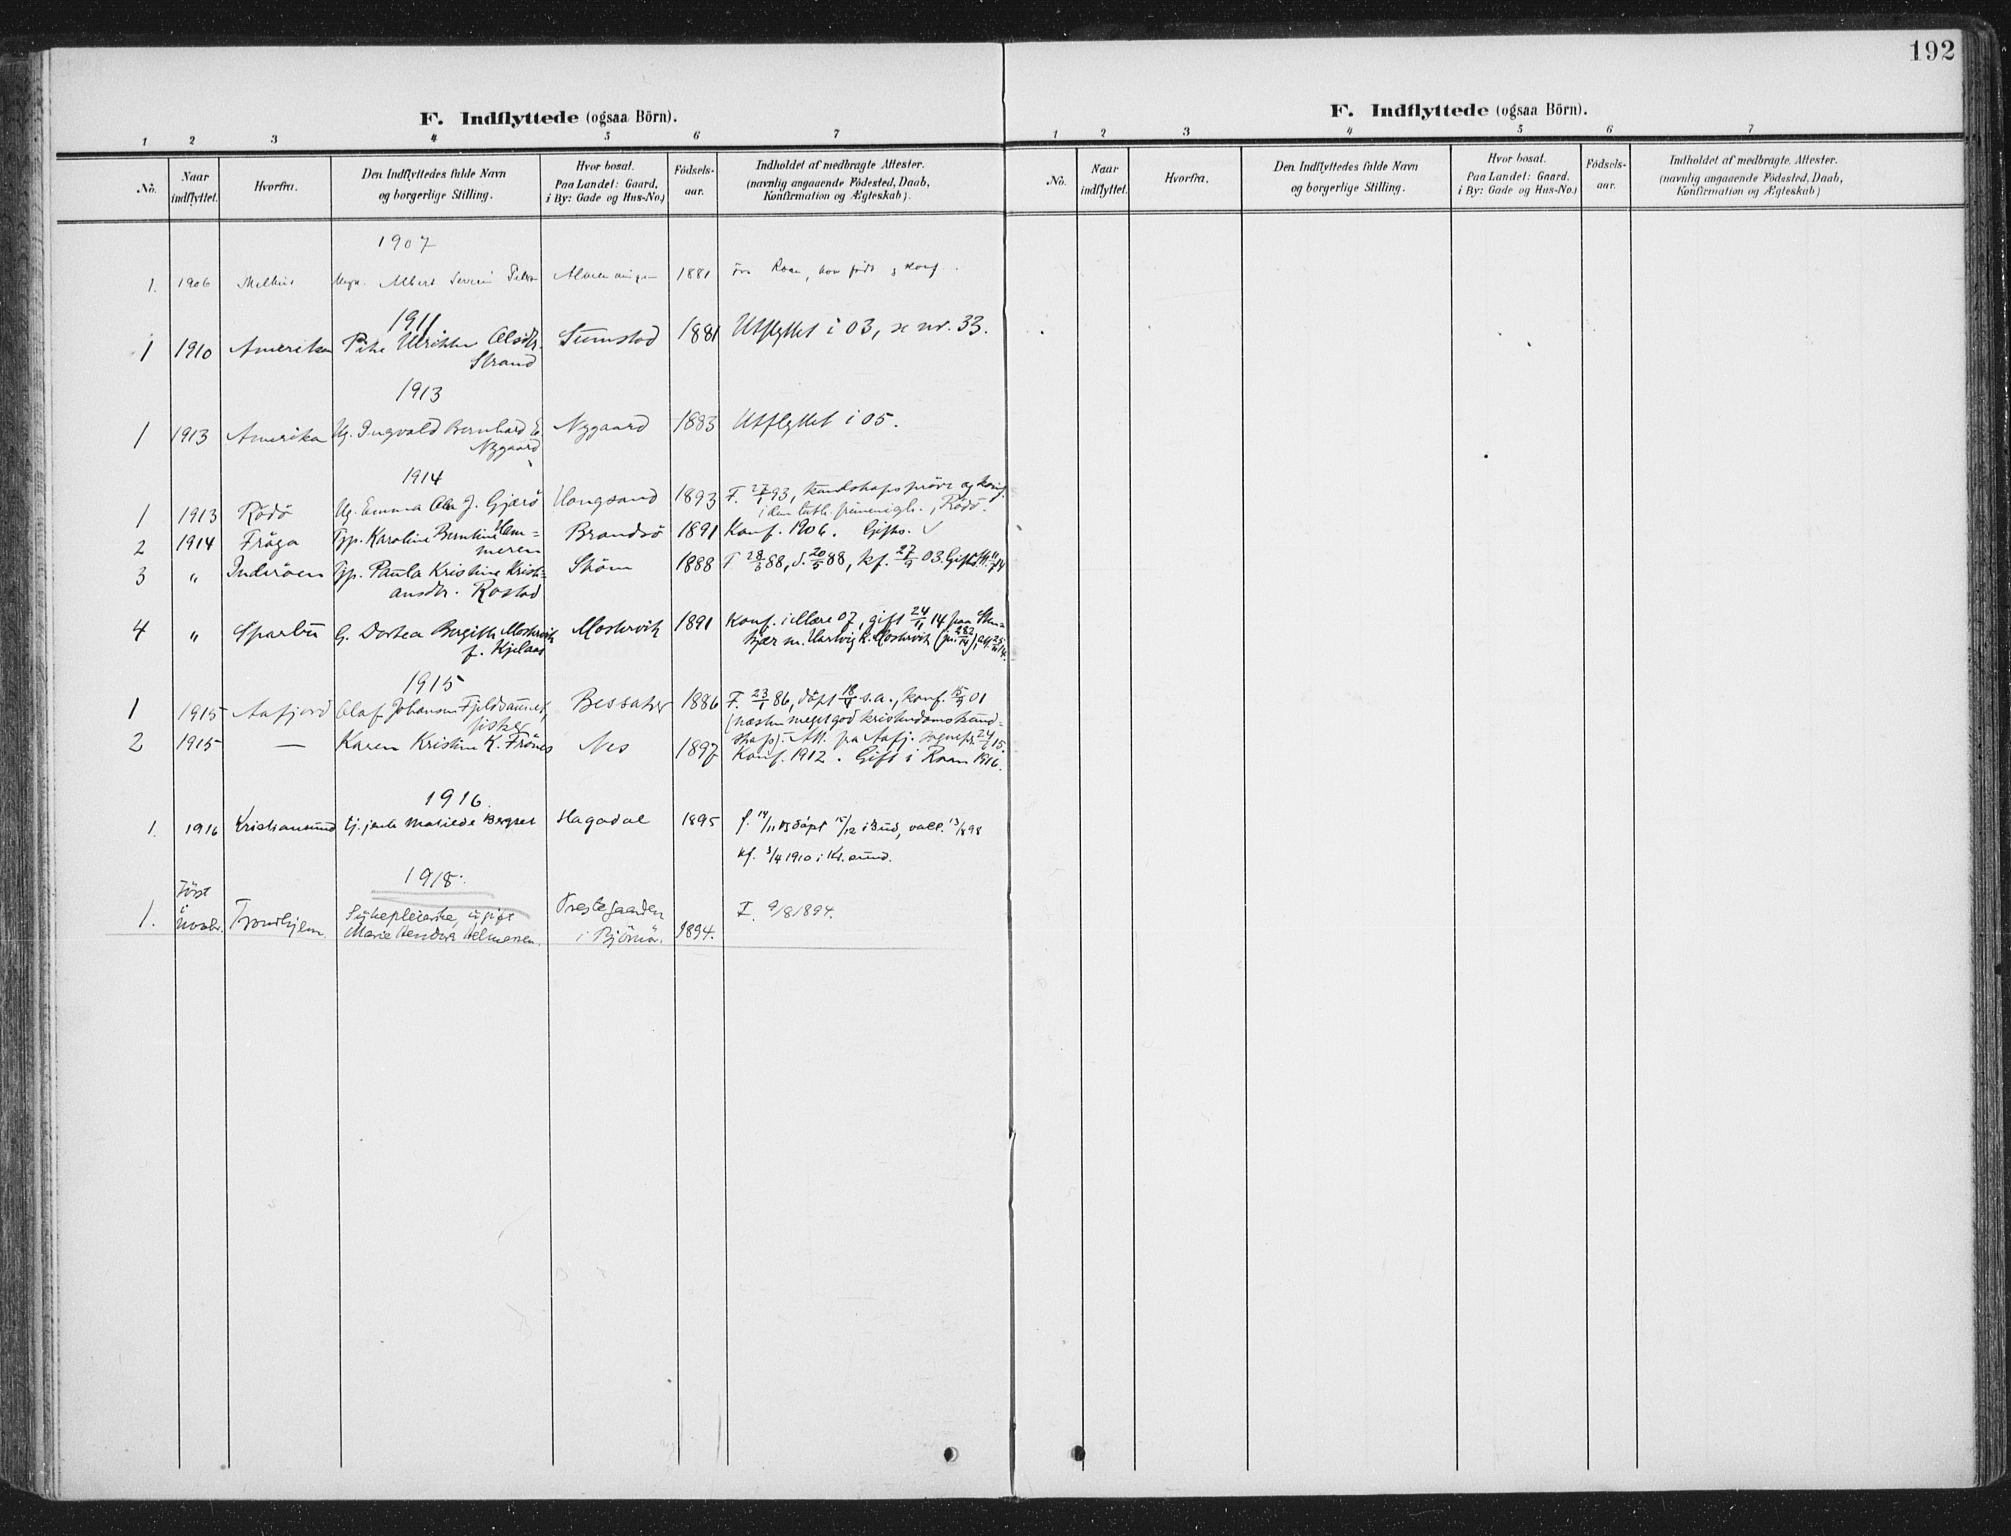 SAT, Ministerialprotokoller, klokkerbøker og fødselsregistre - Sør-Trøndelag, 657/L0709: Ministerialbok nr. 657A10, 1905-1919, s. 192